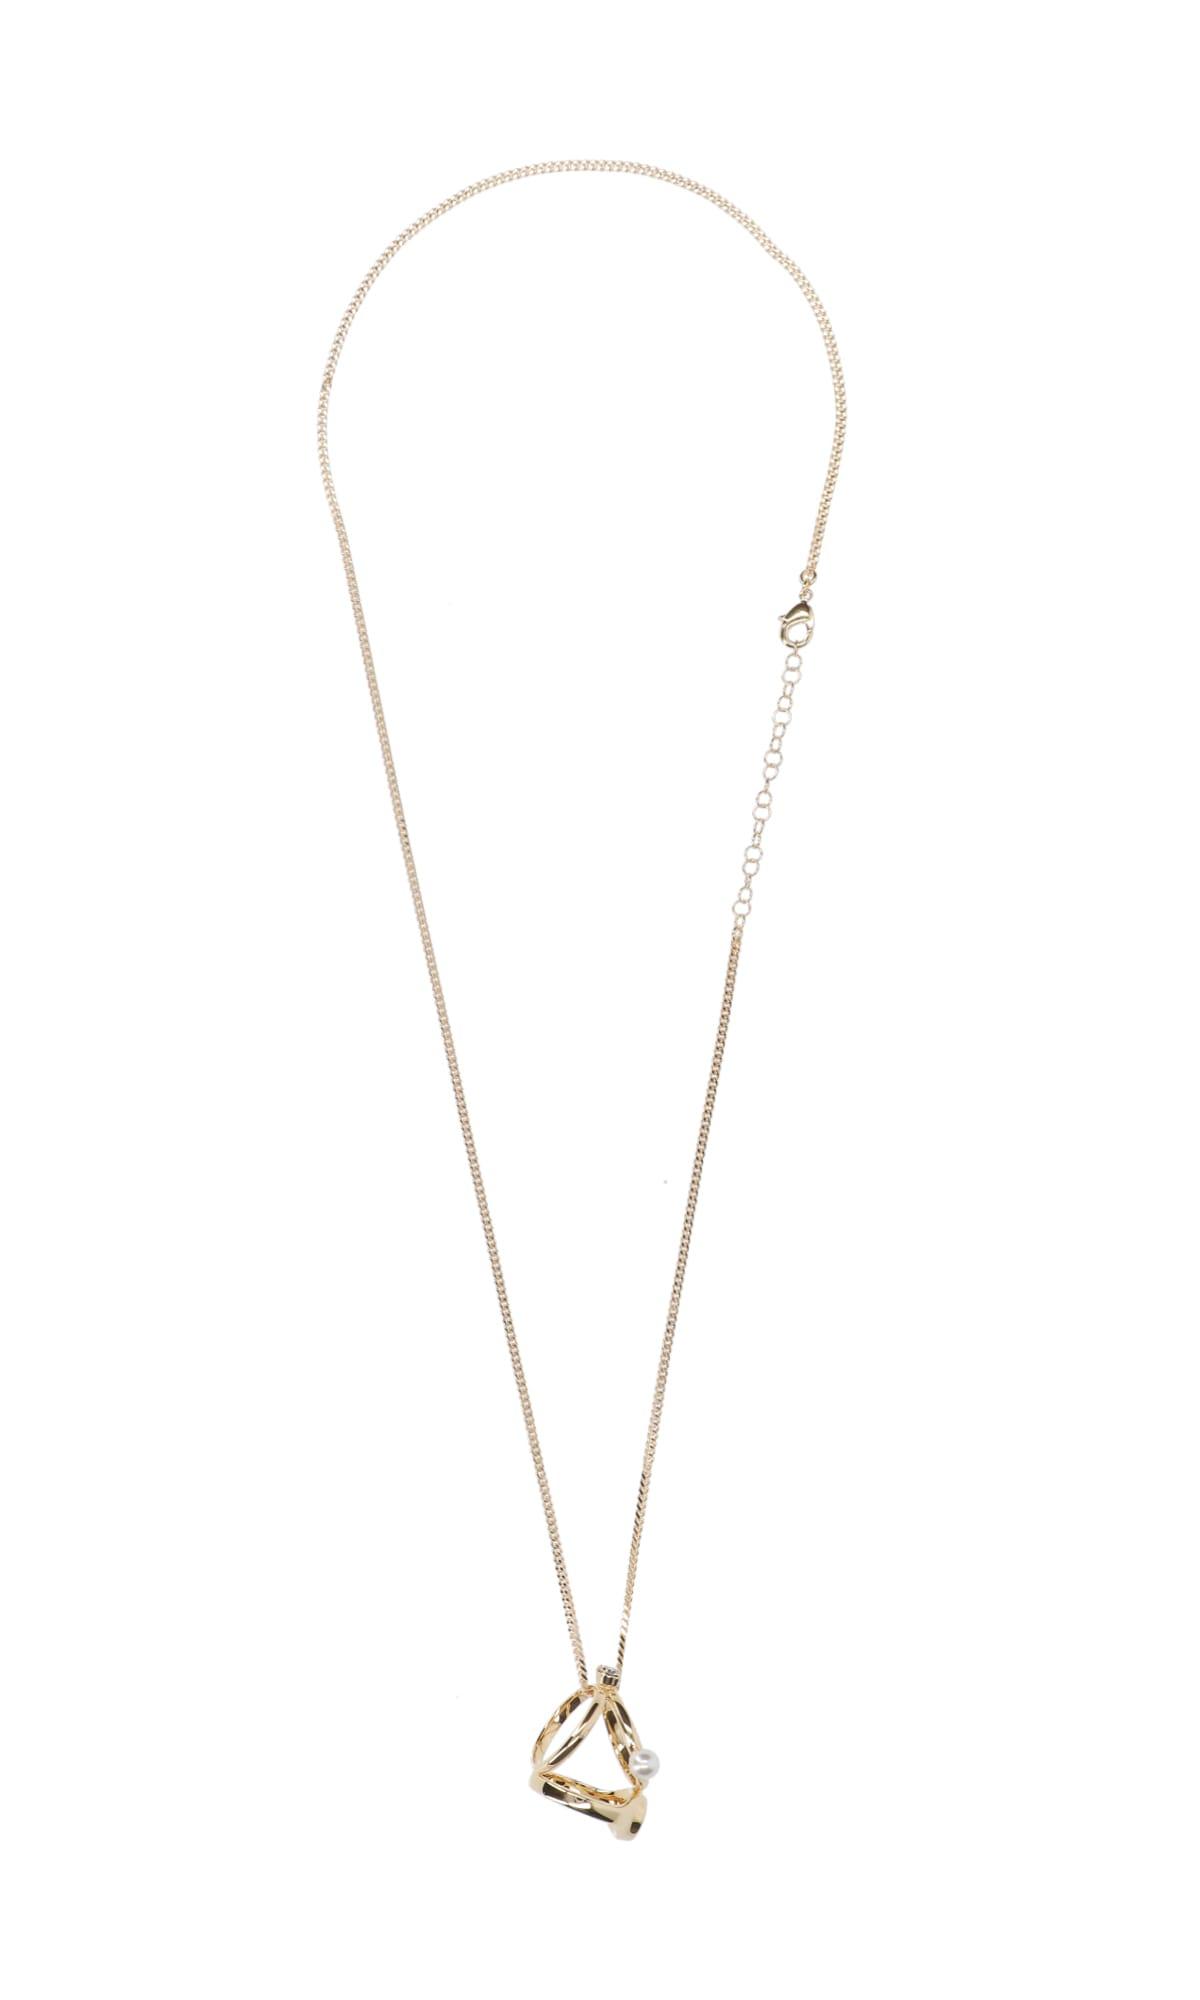 MM6 Maison Margiela Jewelry